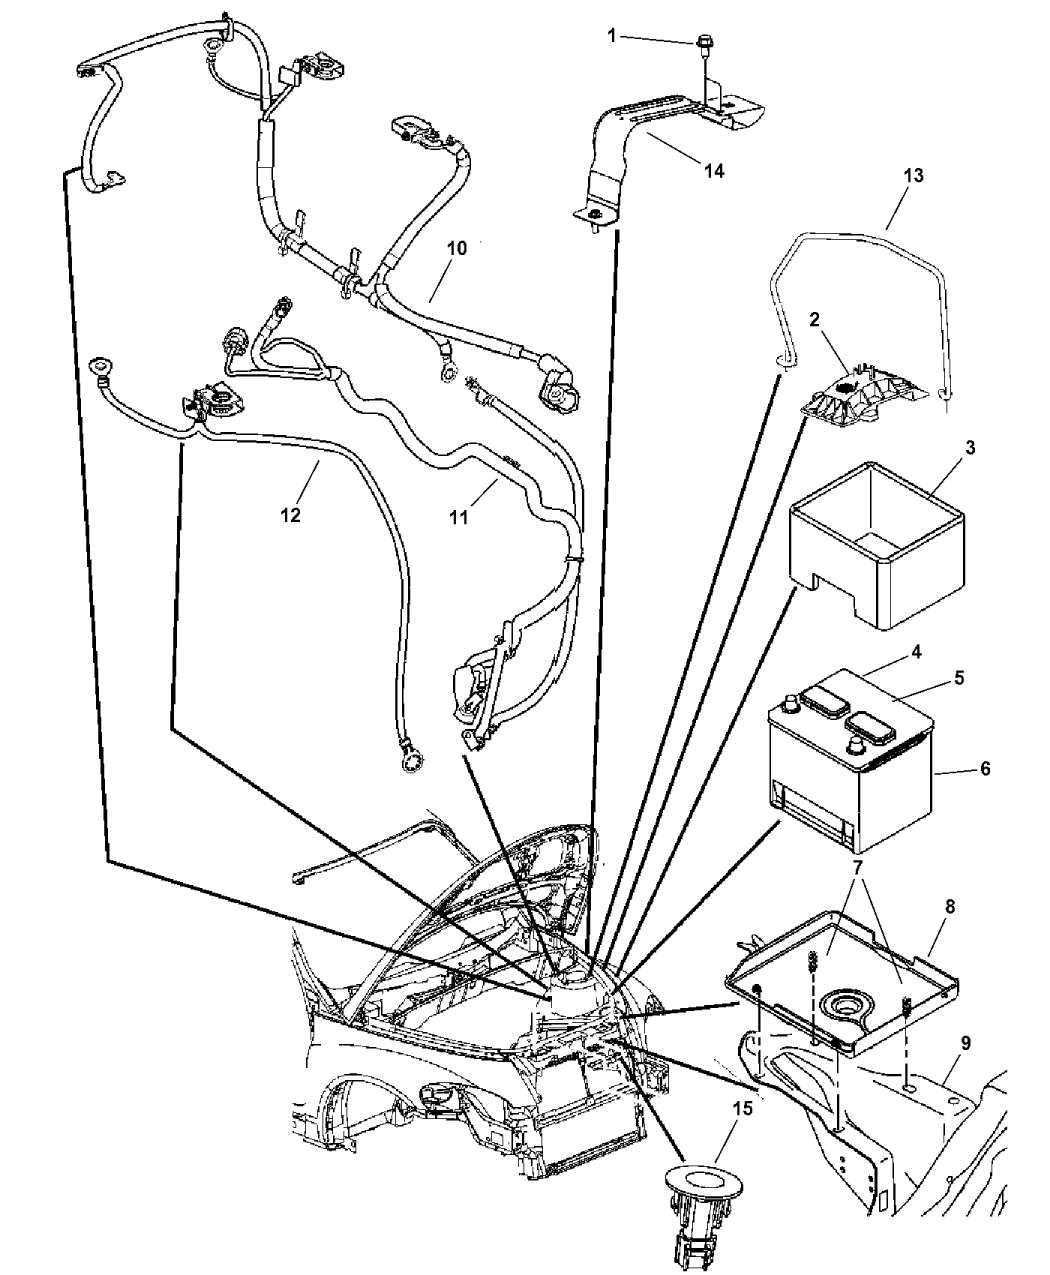 2005 Chrysler Pt Cruiser Battery Tray